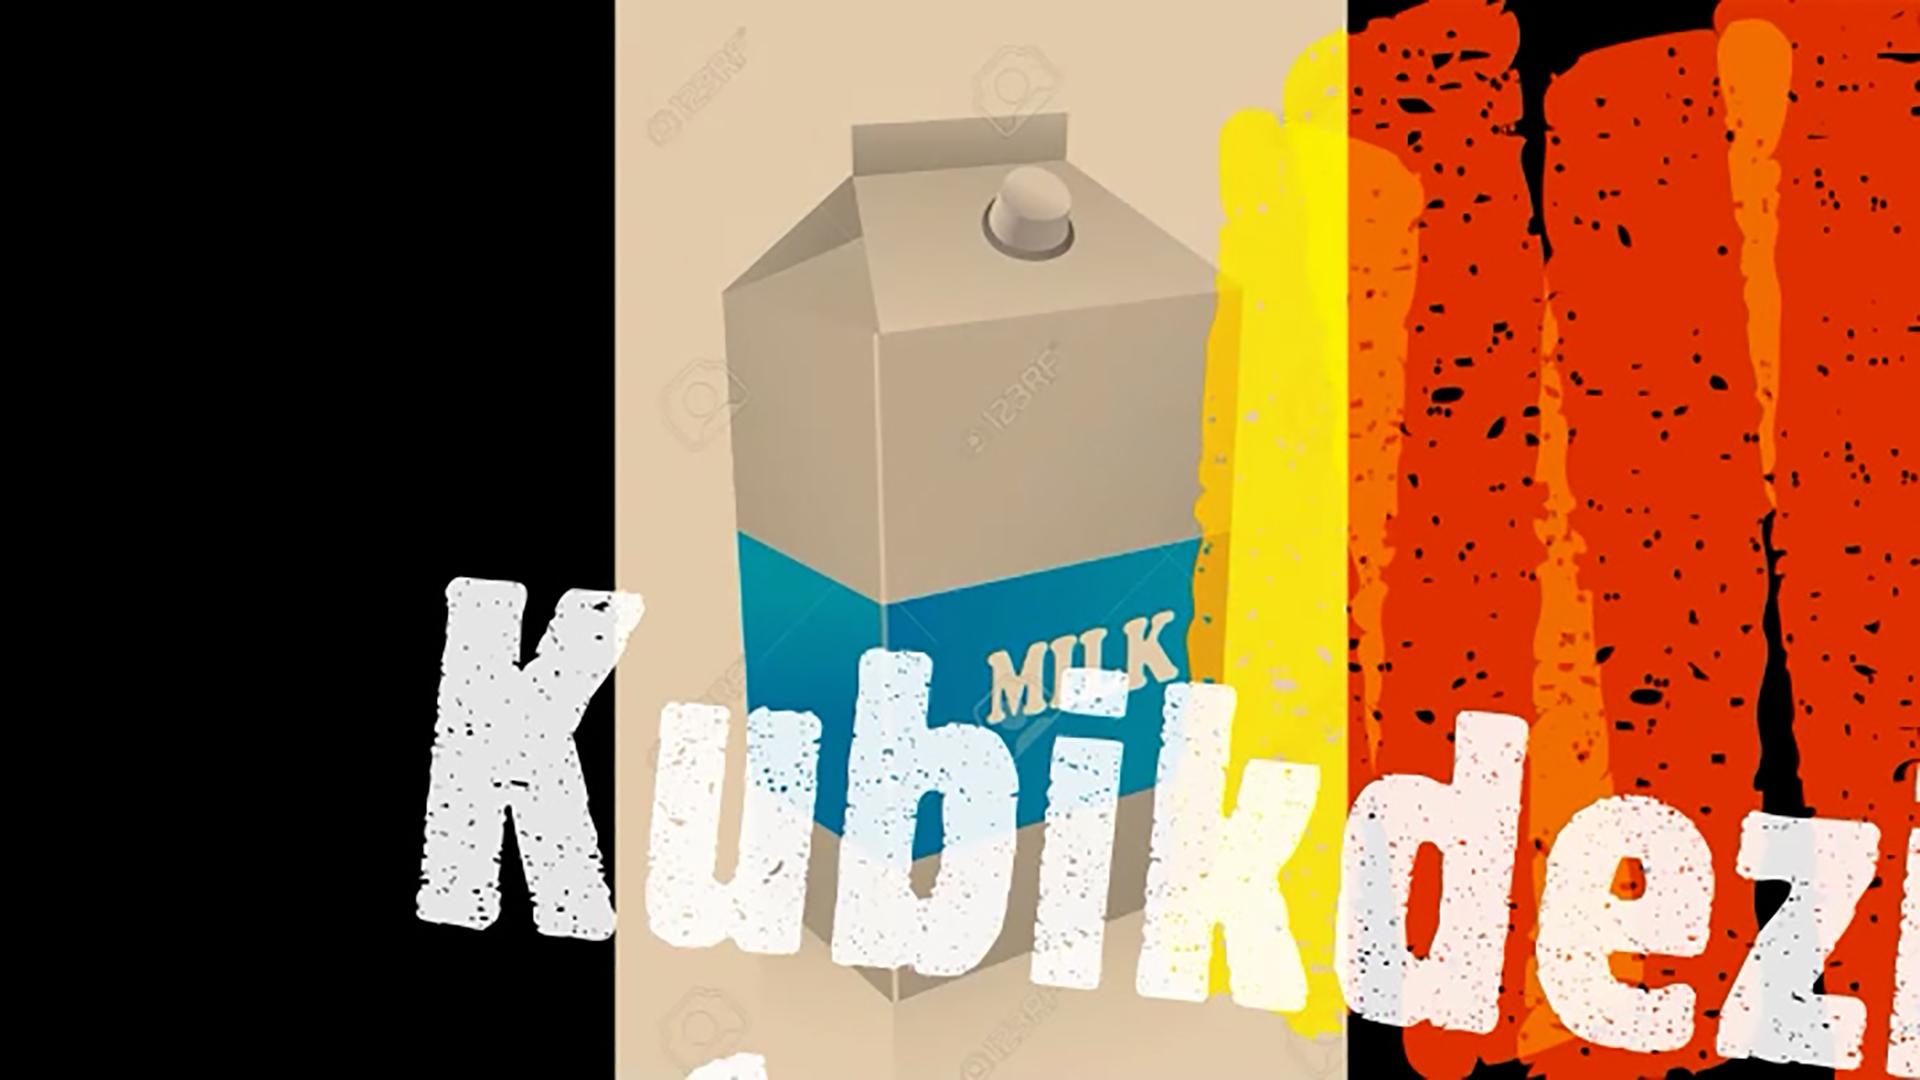 Vorschaubild Video Physik - Ein Kubikdezimeter Milch auf der Seite Tag der offenen Tuer